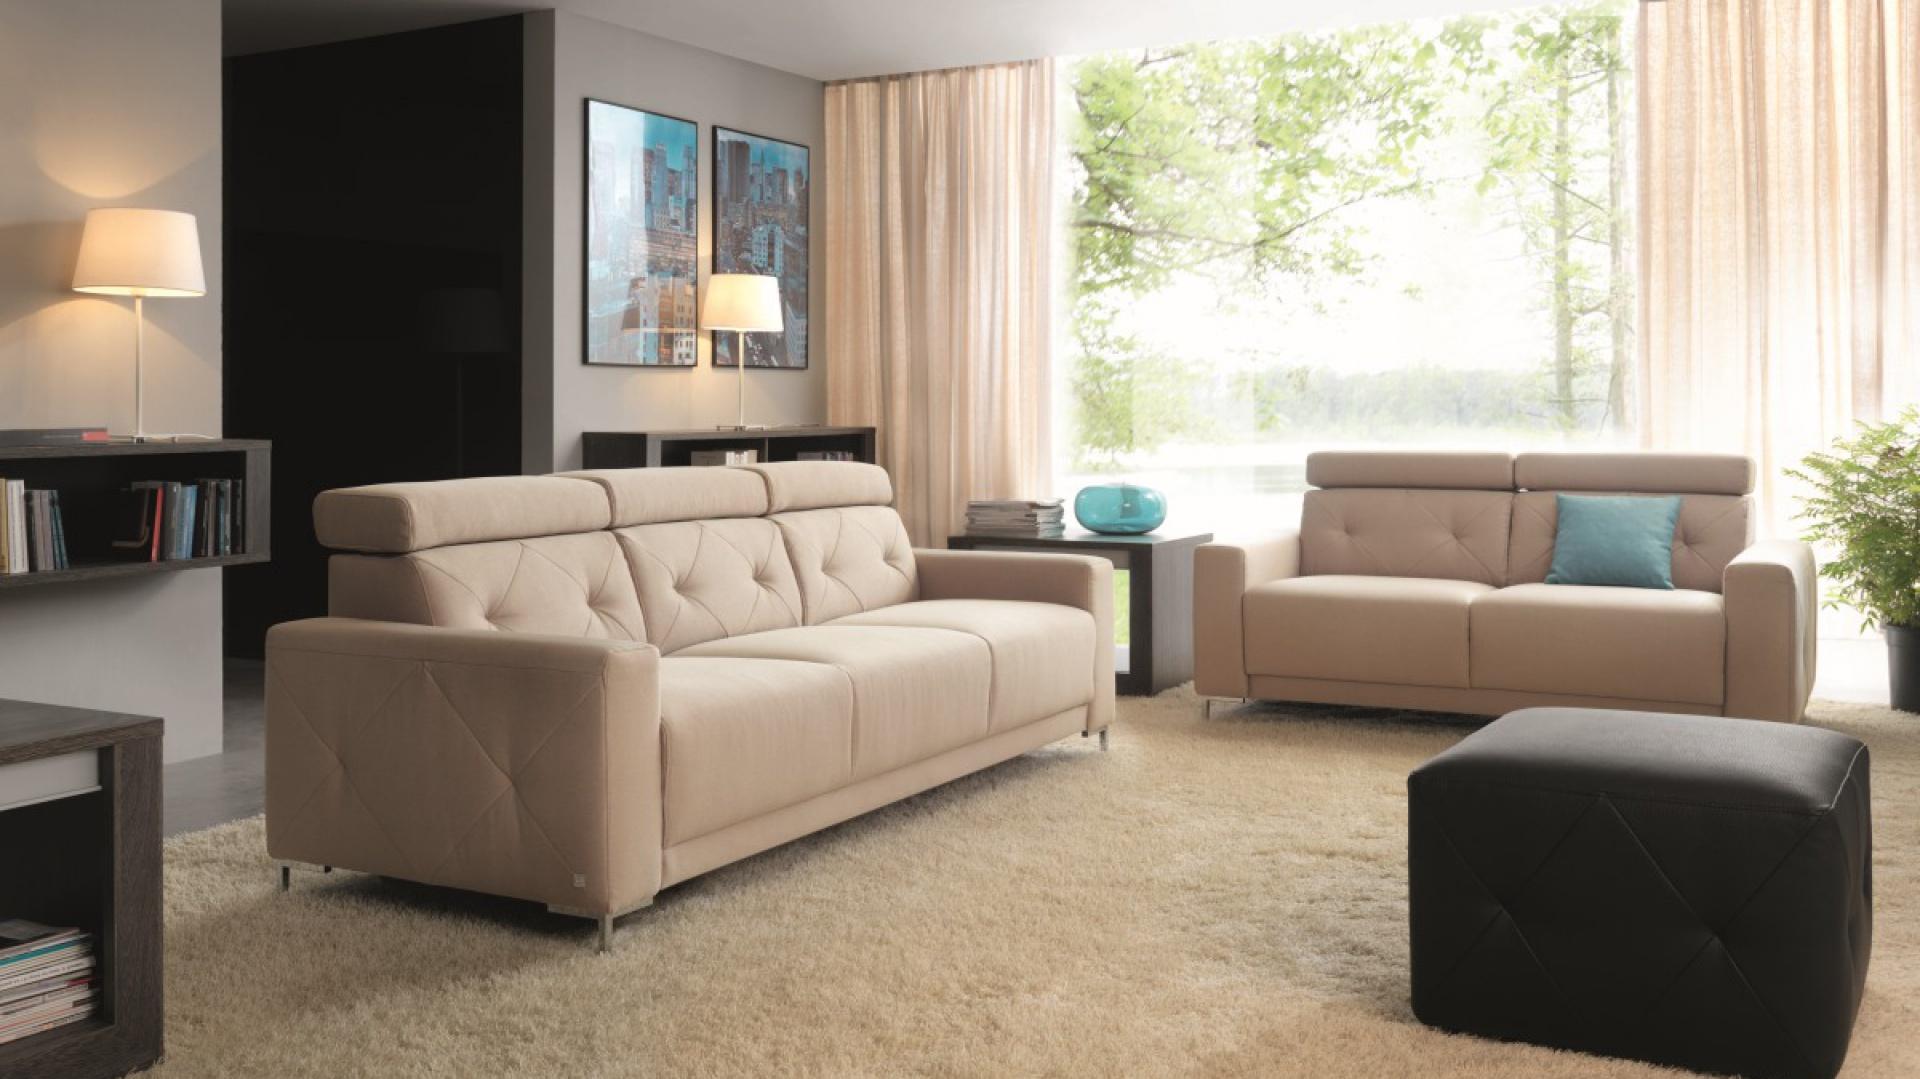 """Sofa """"Life"""" marki Wajnert. Modułowa kolekcja mebli pozwala na tworzenie sof i narożników o dowolnym kształcie i wielkości. Proste bryły z przeszyciami w kształcie rombów, doskonale wpisują się w nowoczesne wnętrza. Mebel posiada ruchome zagłówki. Fot. Wajnert"""